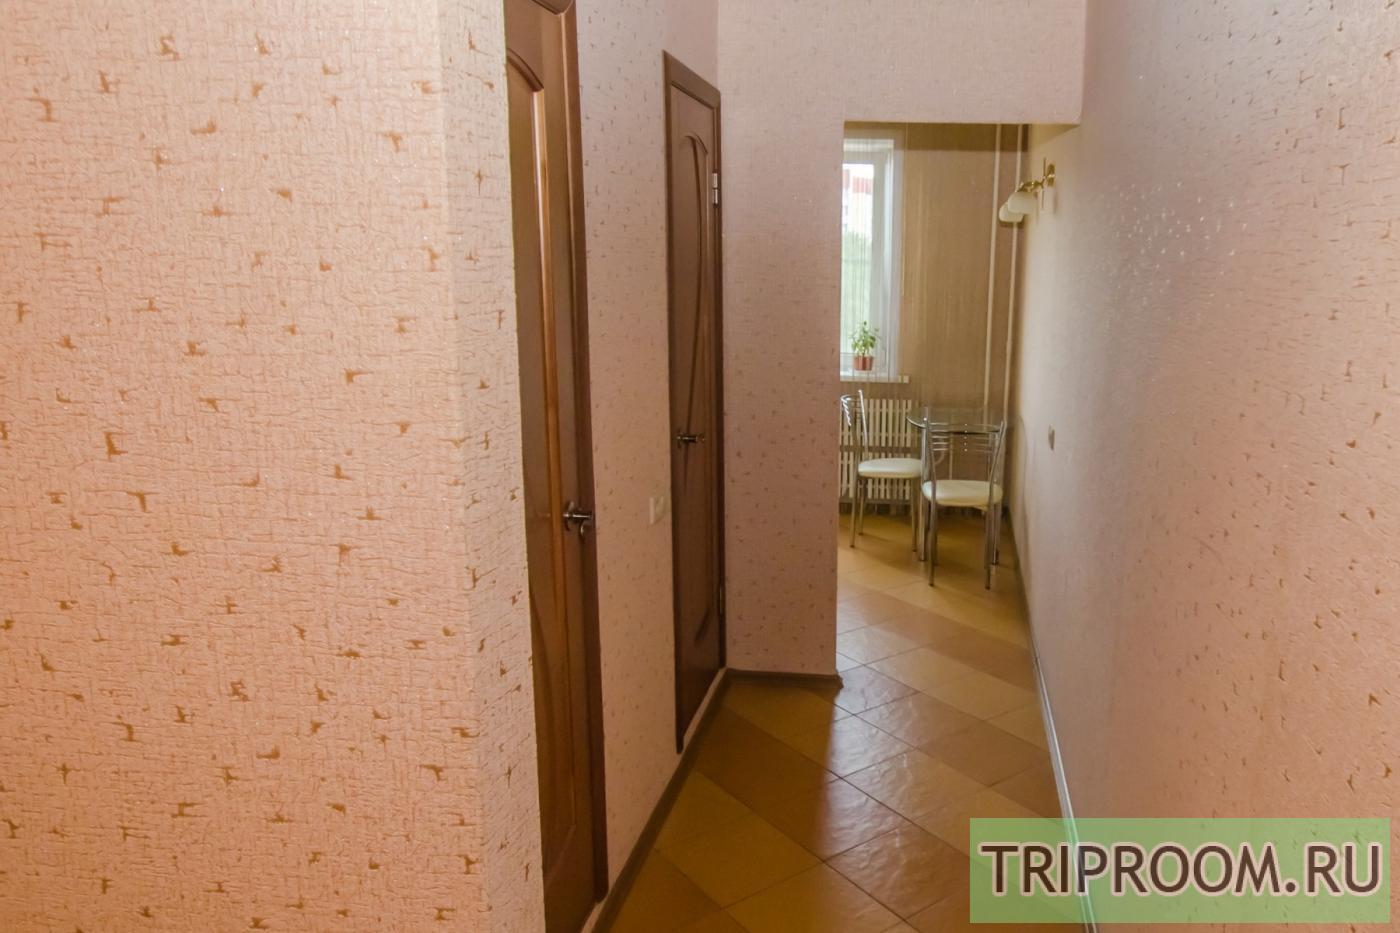 1-комнатная квартира посуточно (вариант № 2483), ул. Мордасовой улица, фото № 12